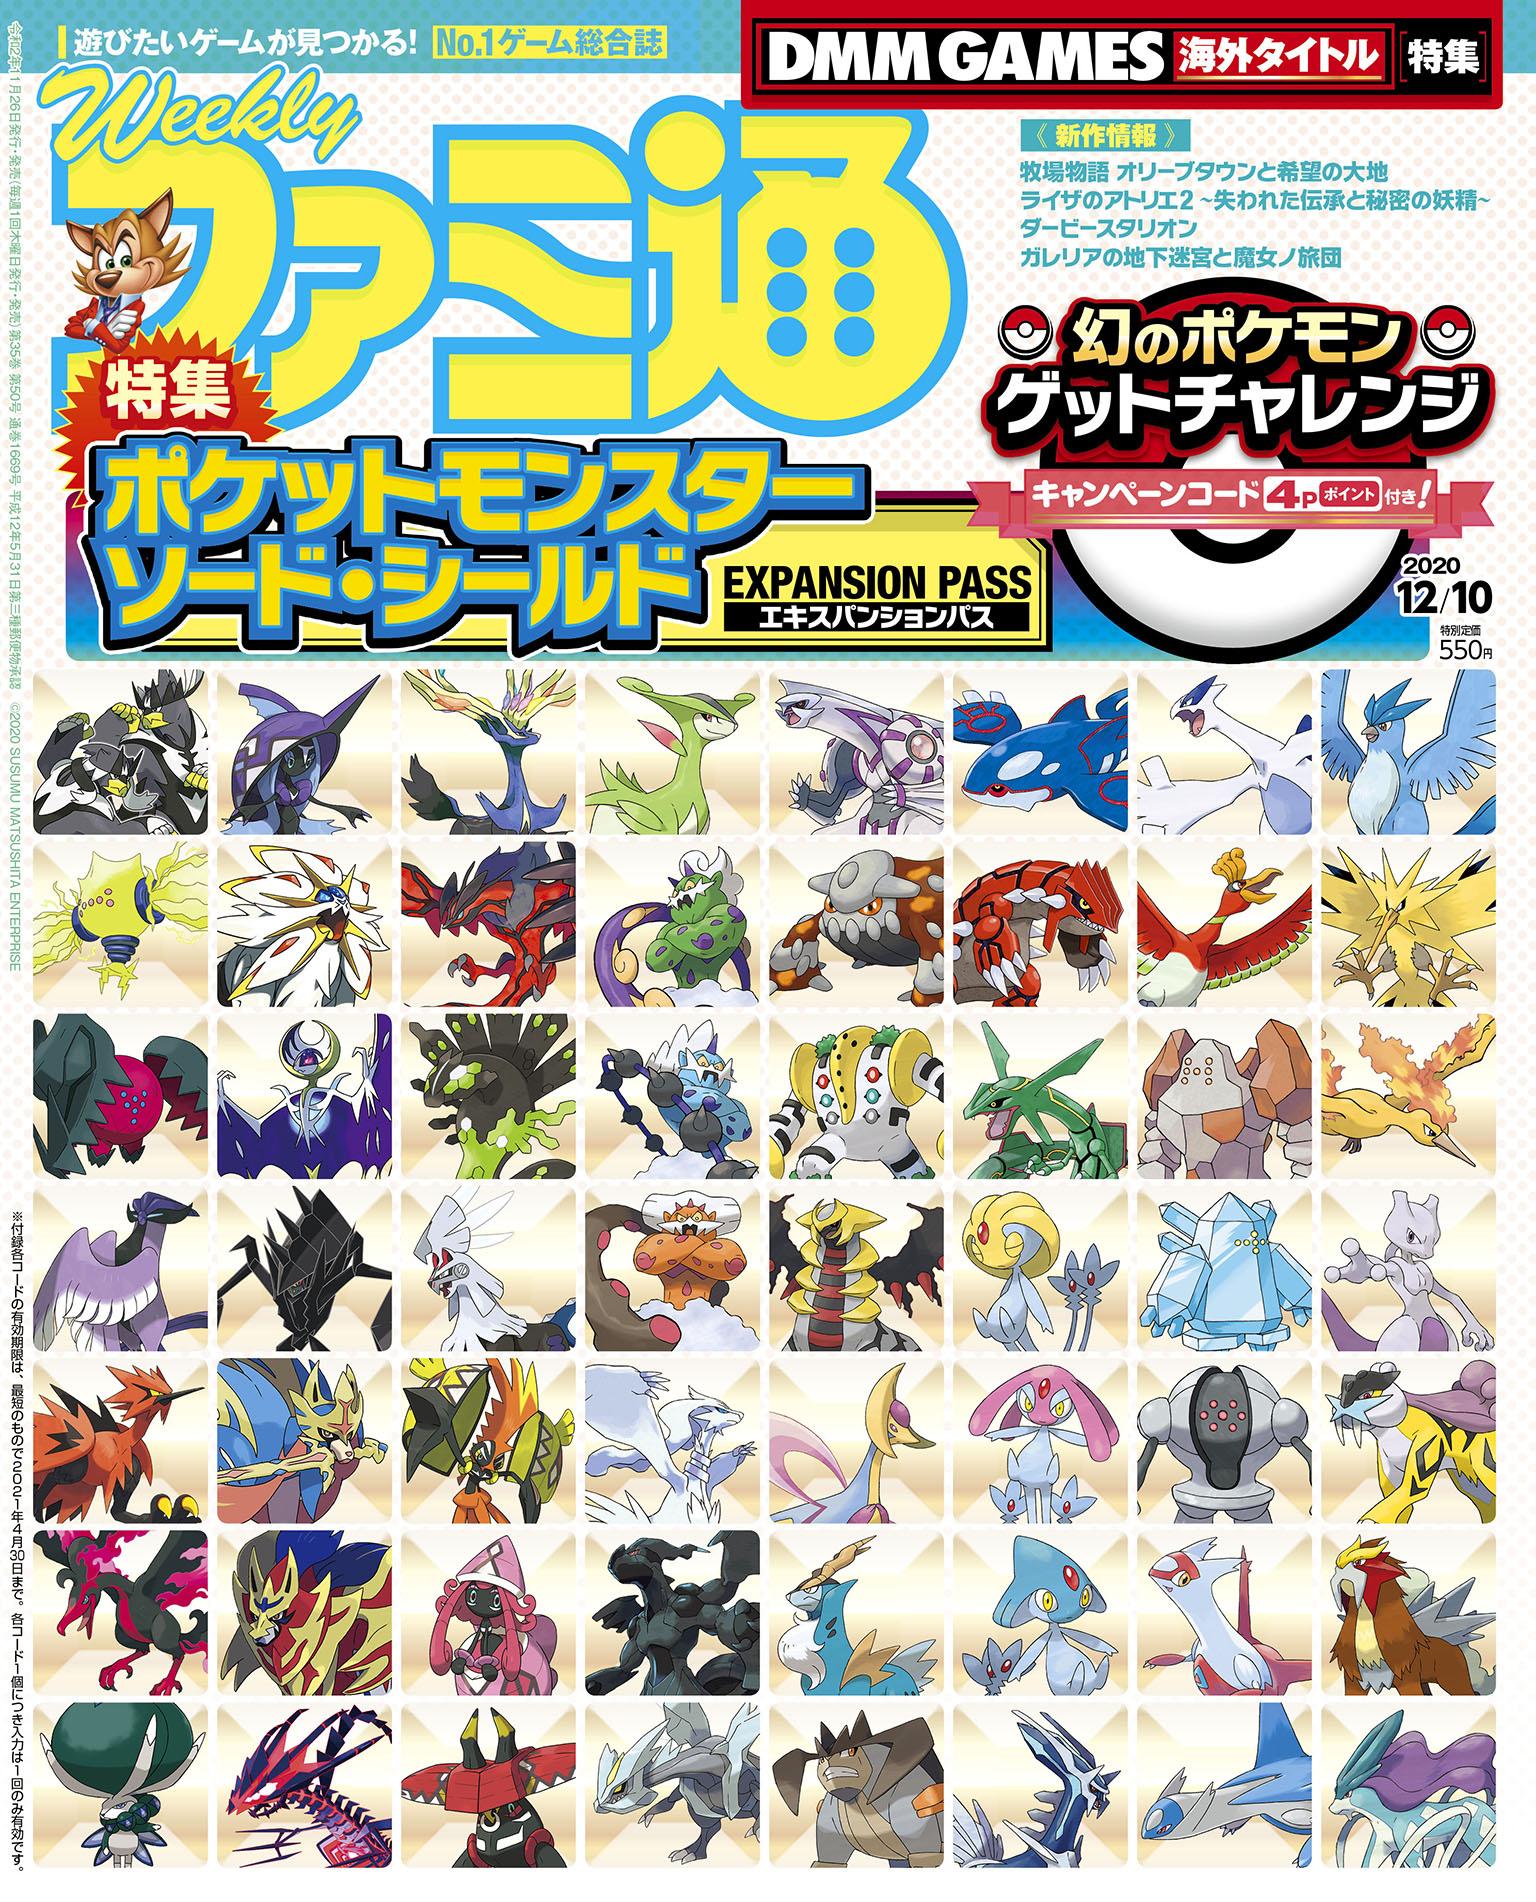 週刊ファミ通 2020年12月10日号 550円